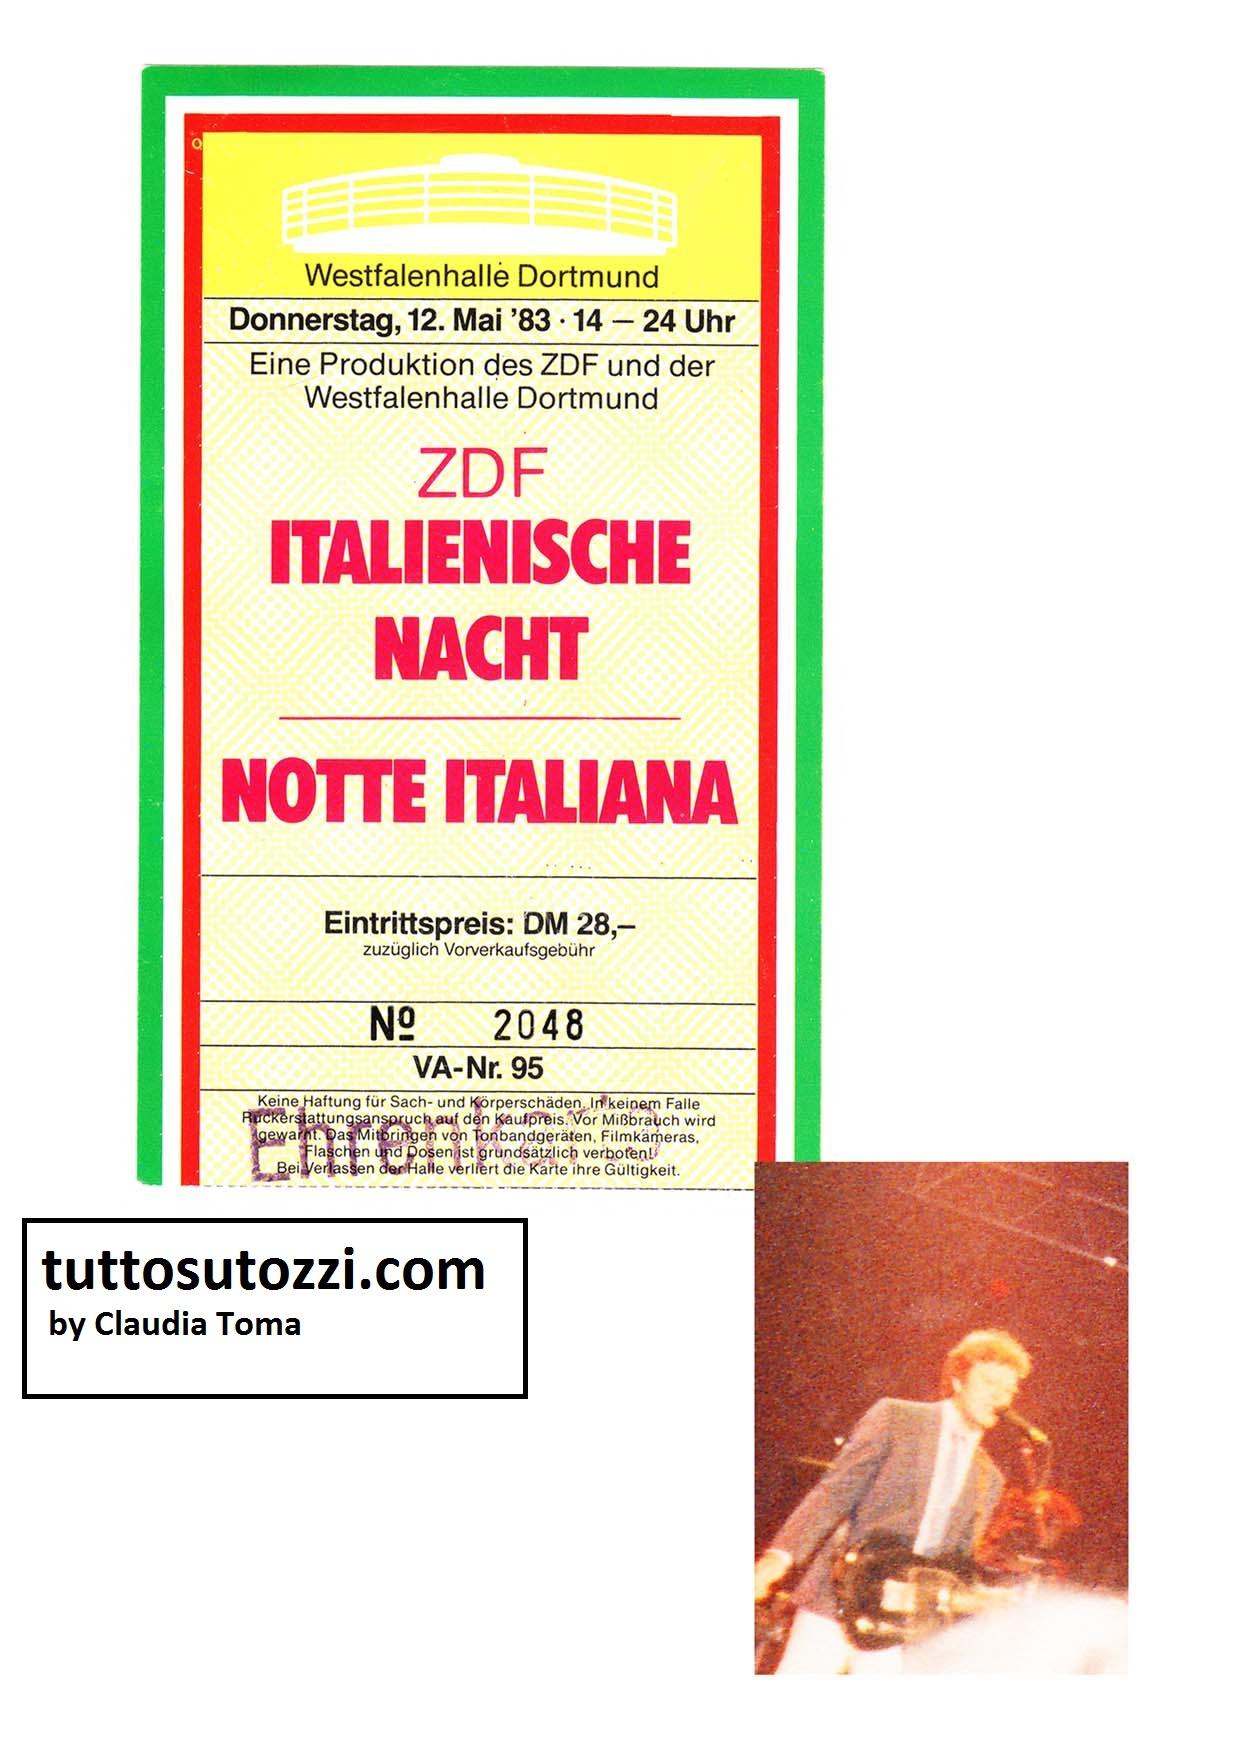 12.05.1983 Dortmund